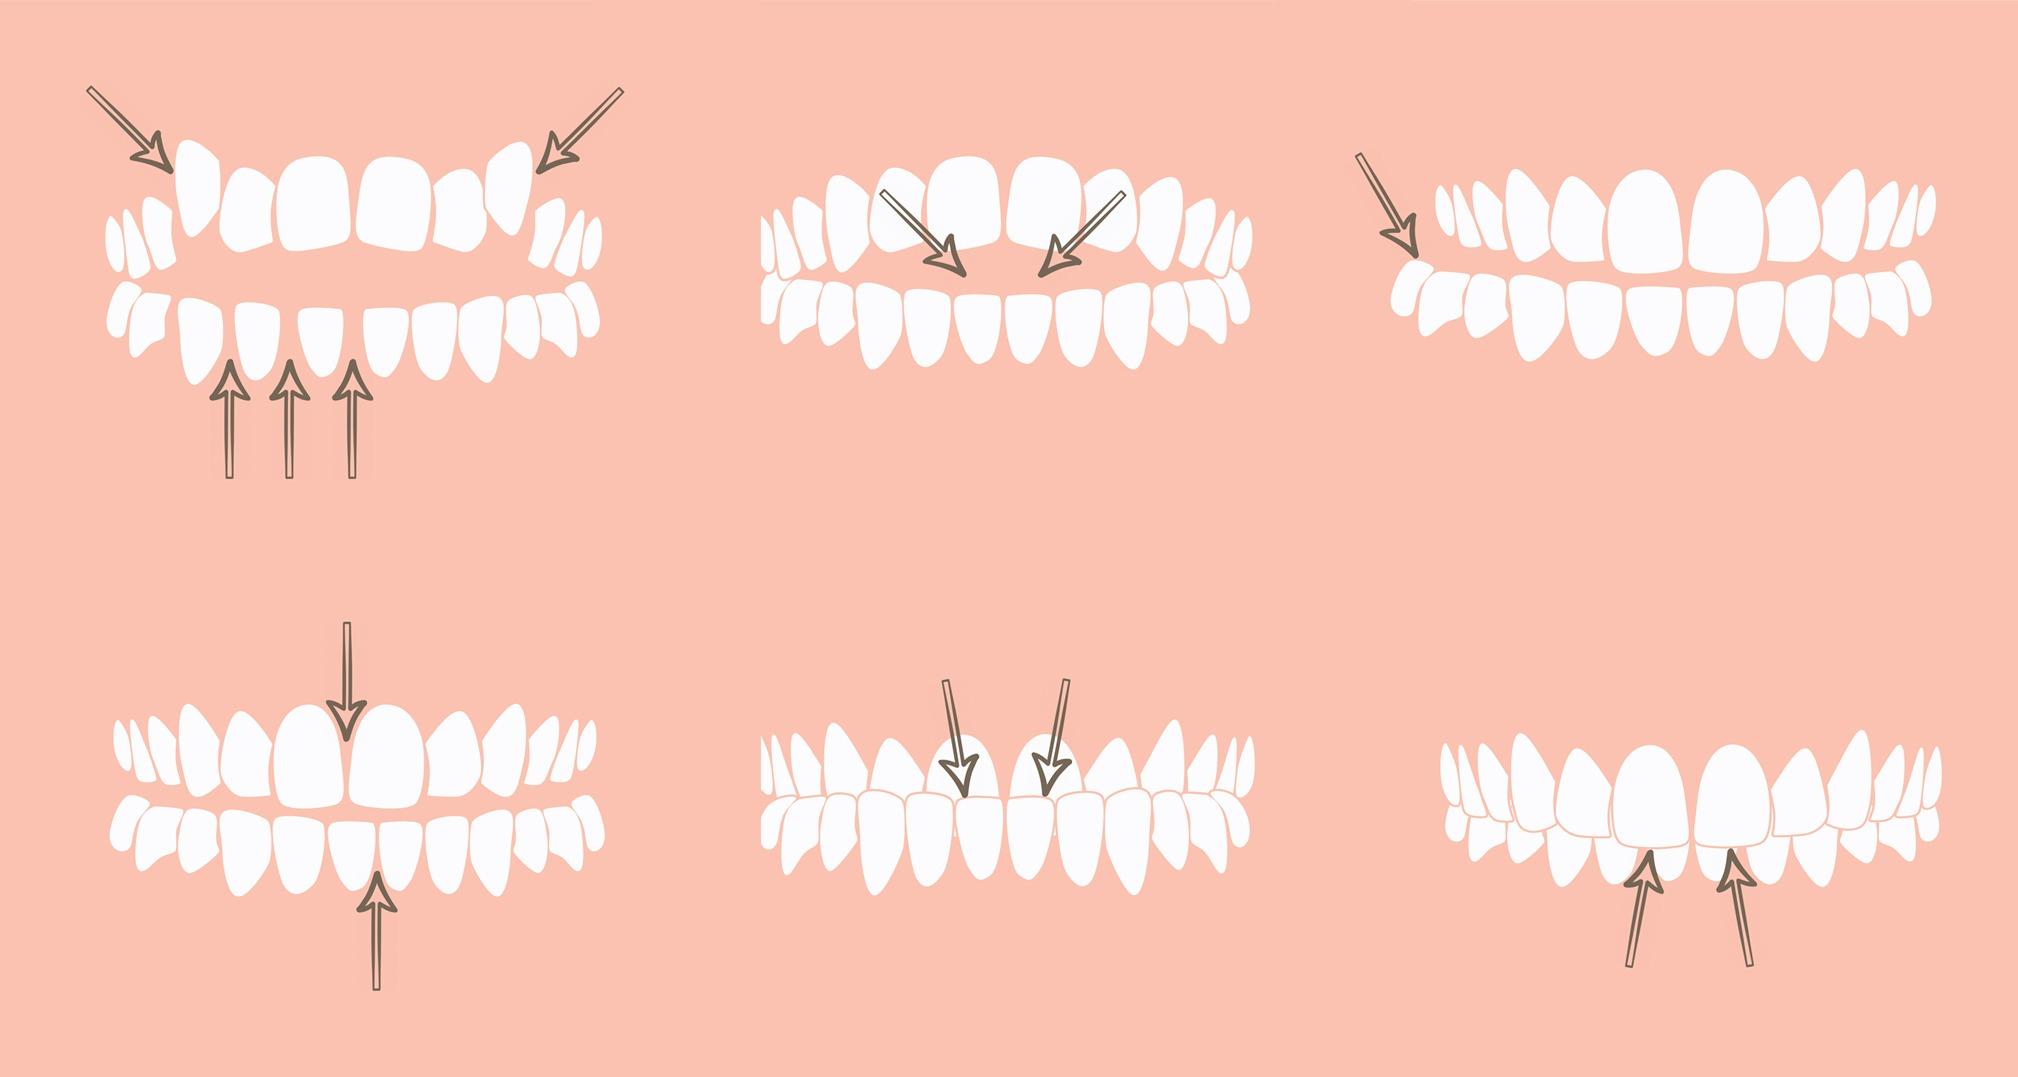 fogszabályozás, szabálytalan fogsor